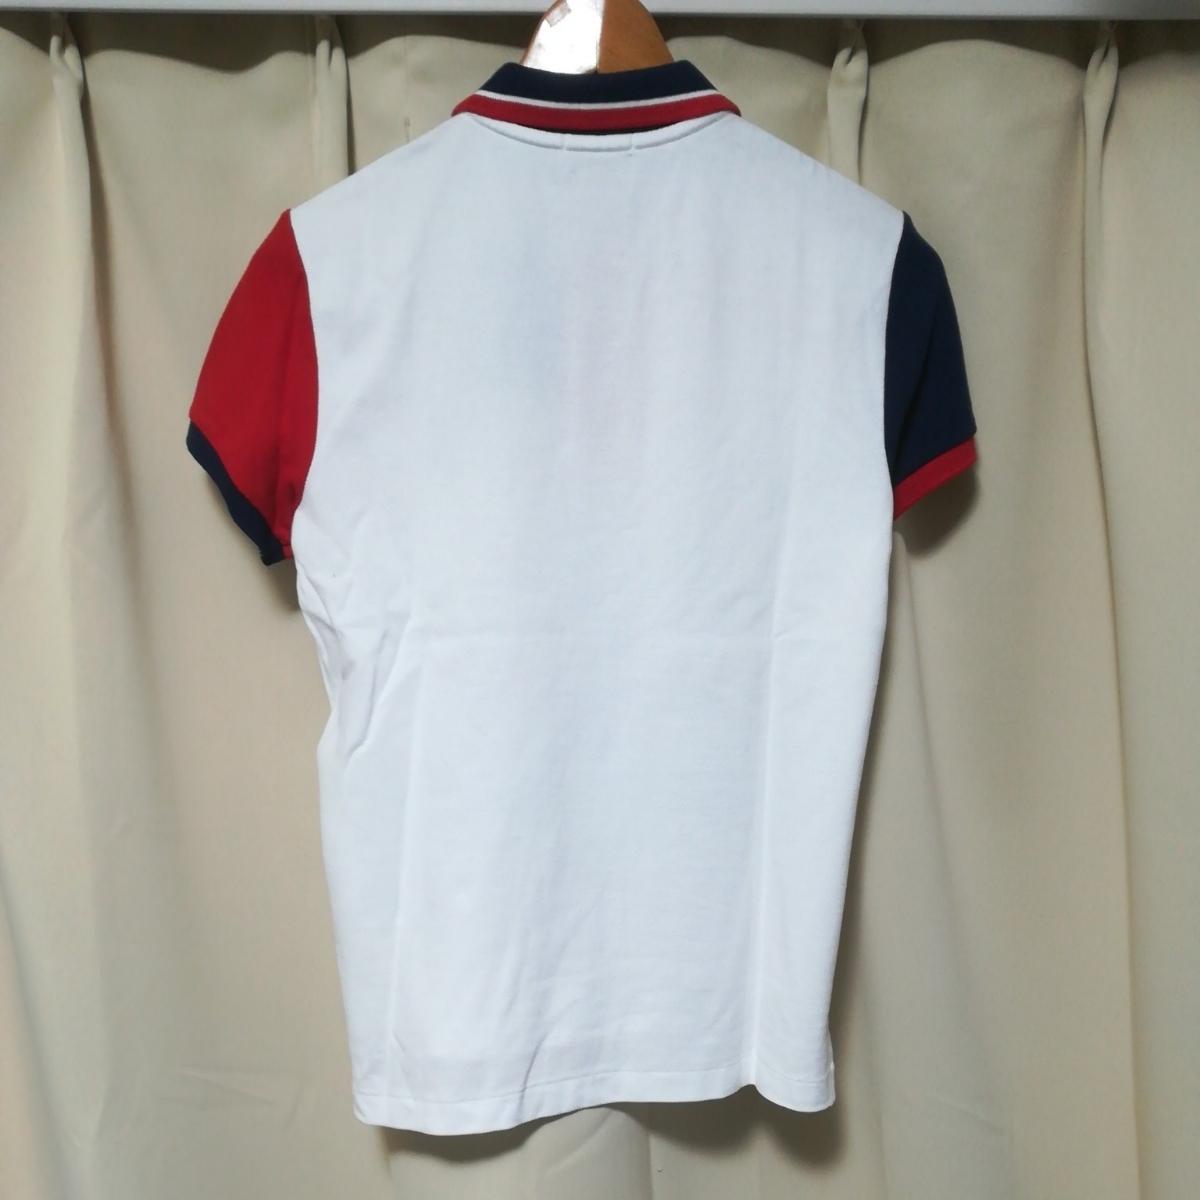 ラルフローレン ポロ レディース クラシックフィット ビッグポニー ポロシャツ XSサイズ_画像6